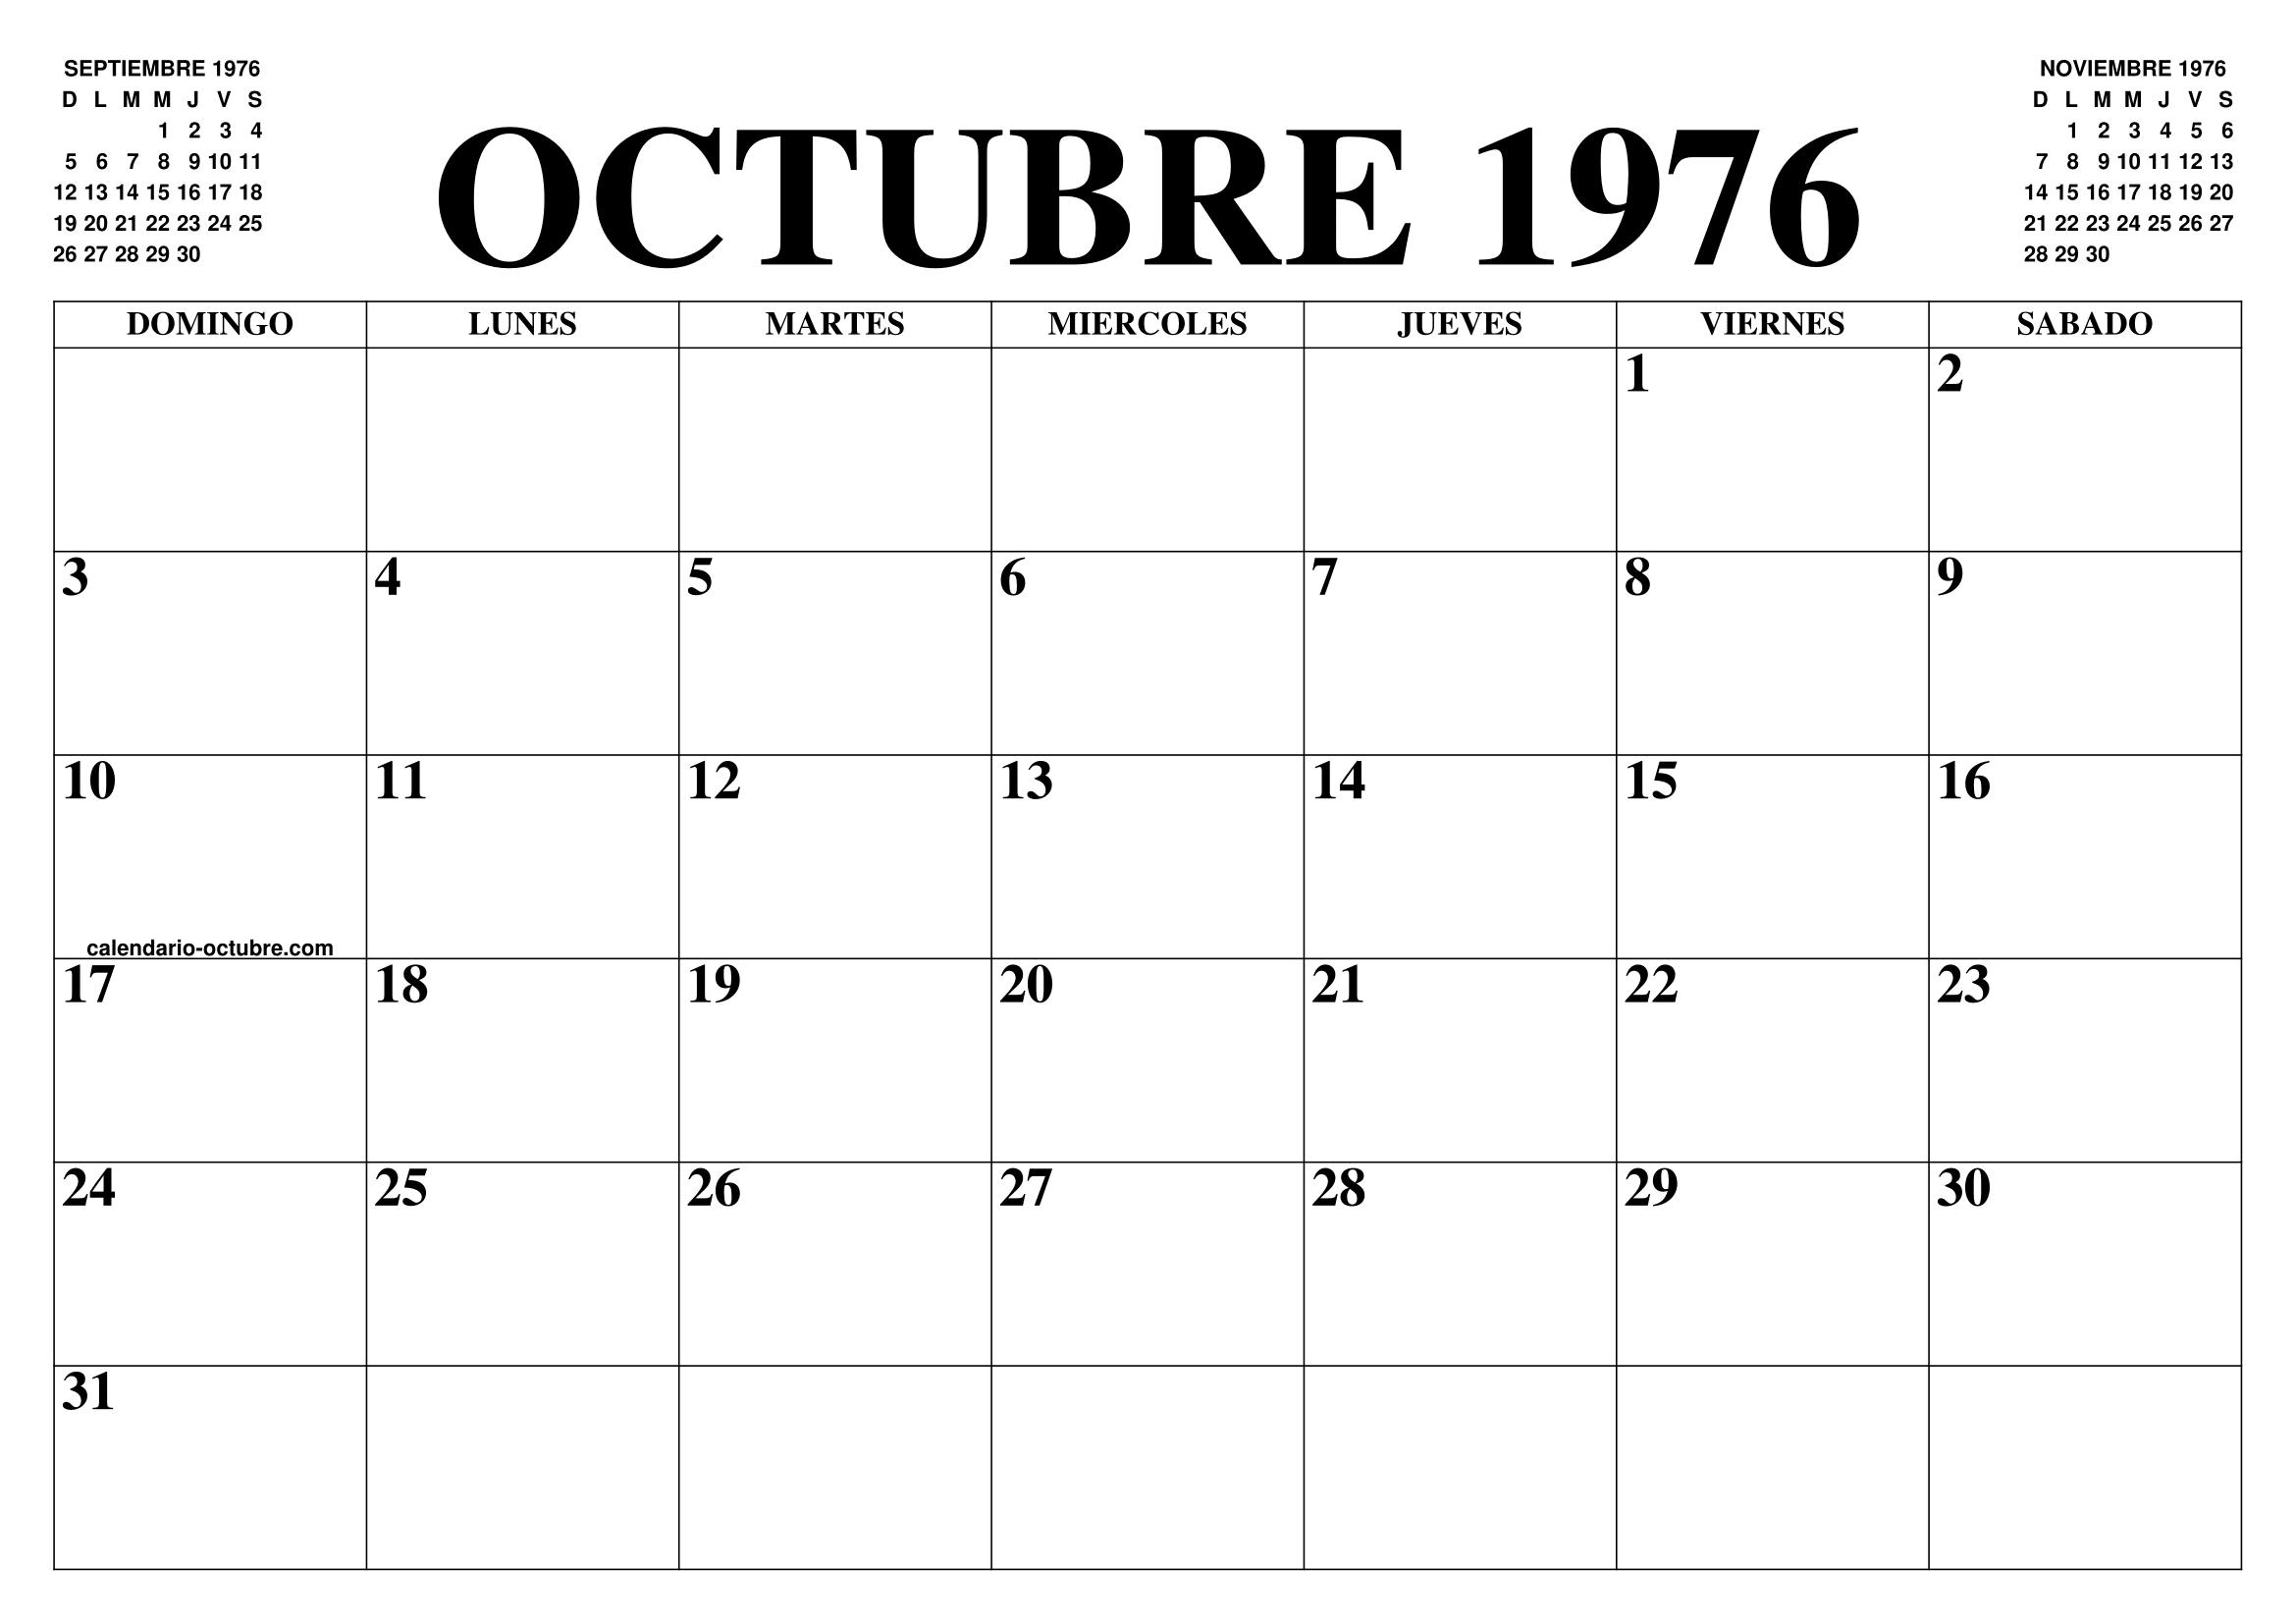 Calendario 1976.Calendario Octubre 1976 El Calendario Octubre Para